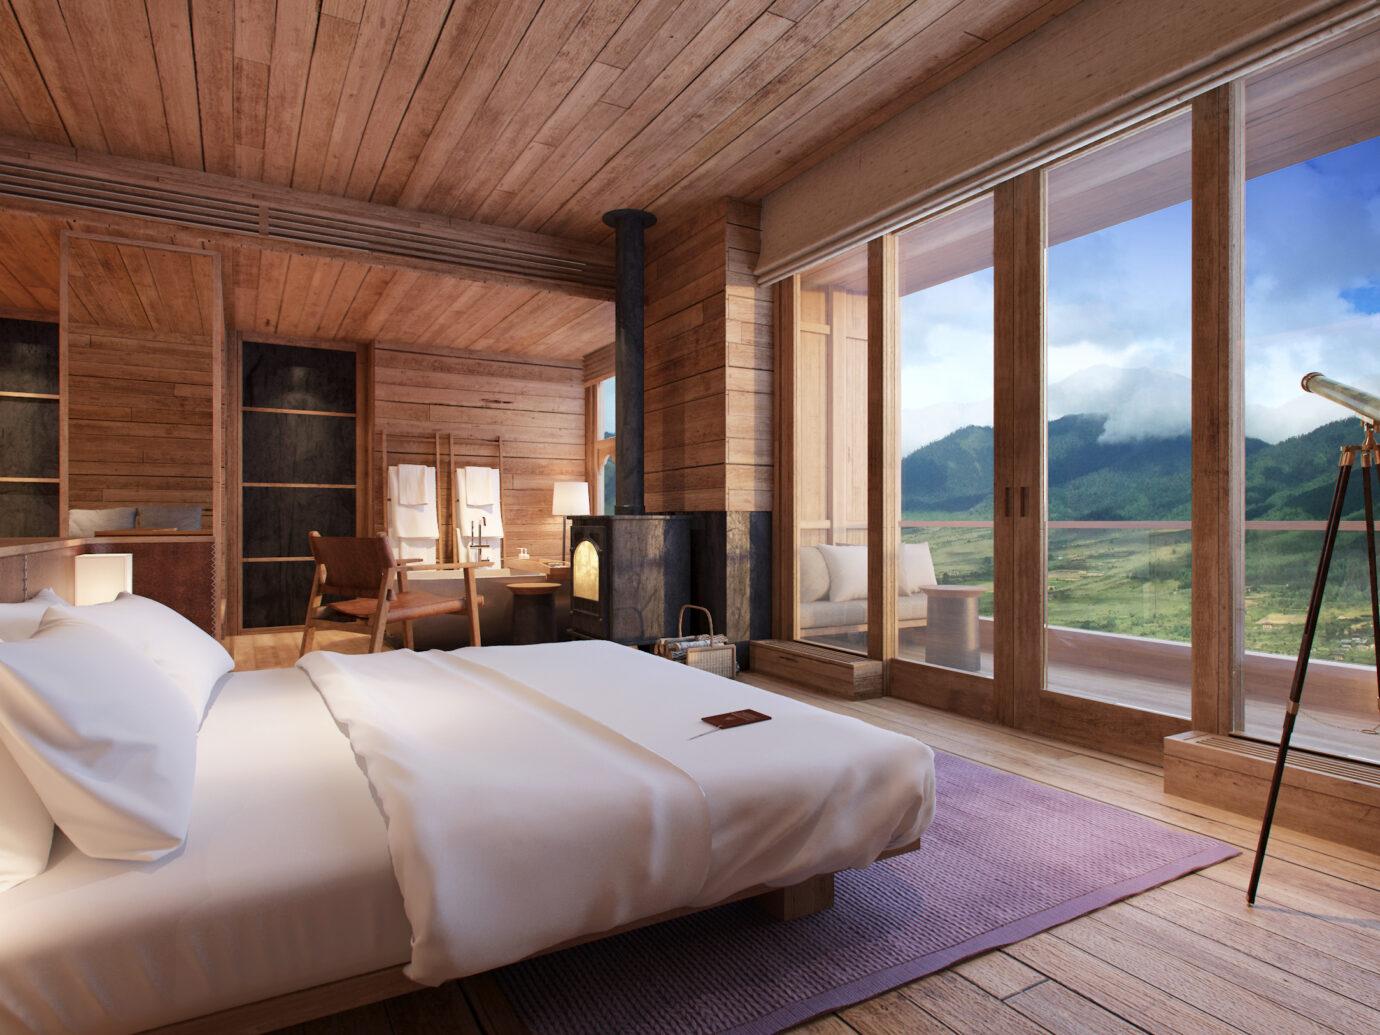 Six Senses Bhutan guest room